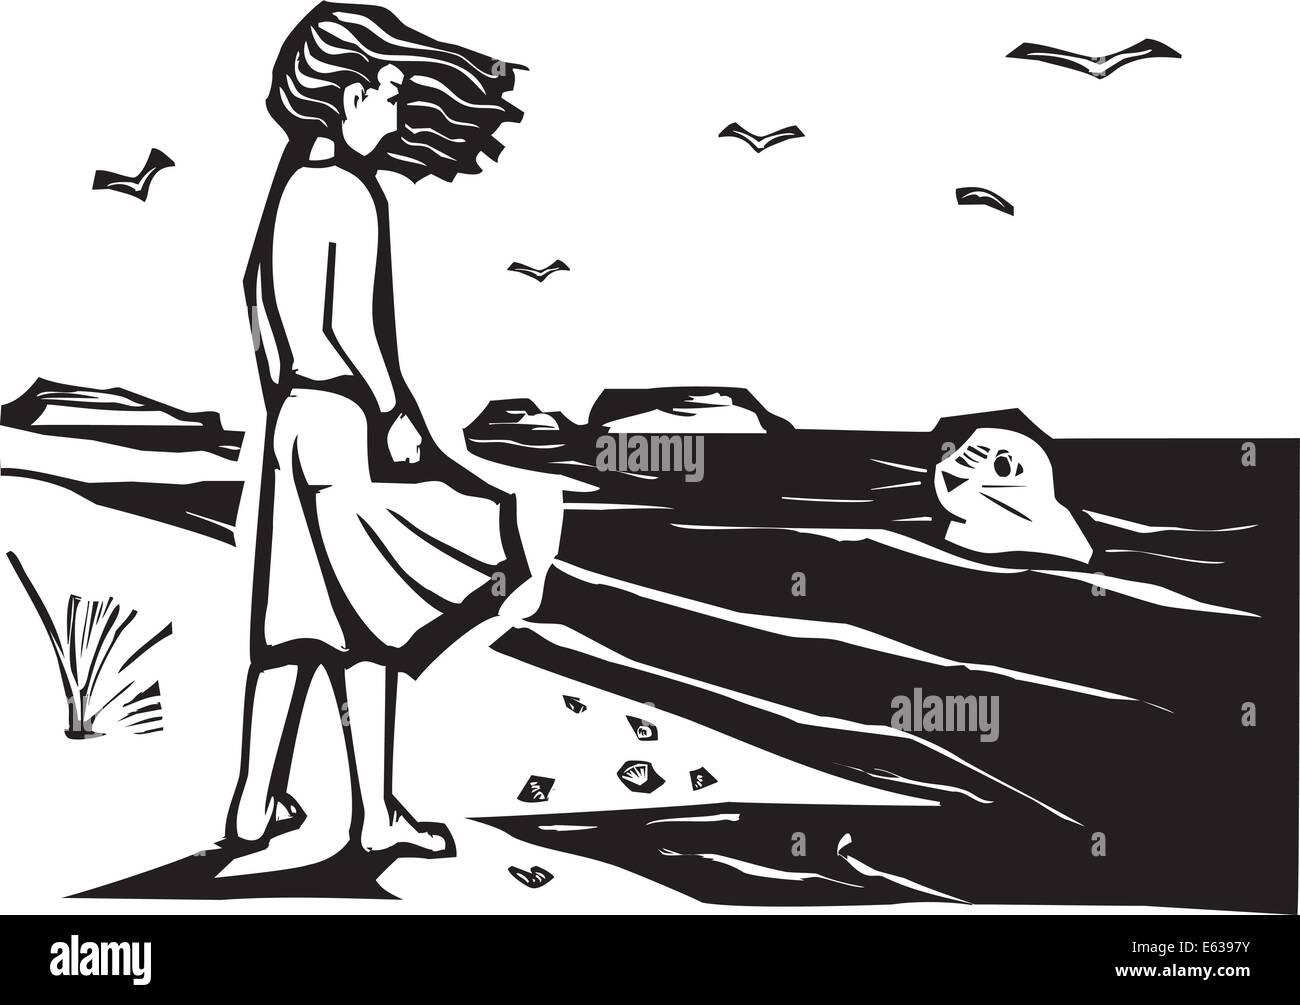 Xilografia immagine di stile di una ragazza su una spiaggia a guardare un porto di tenuta a onde. Illustrazione Vettoriale